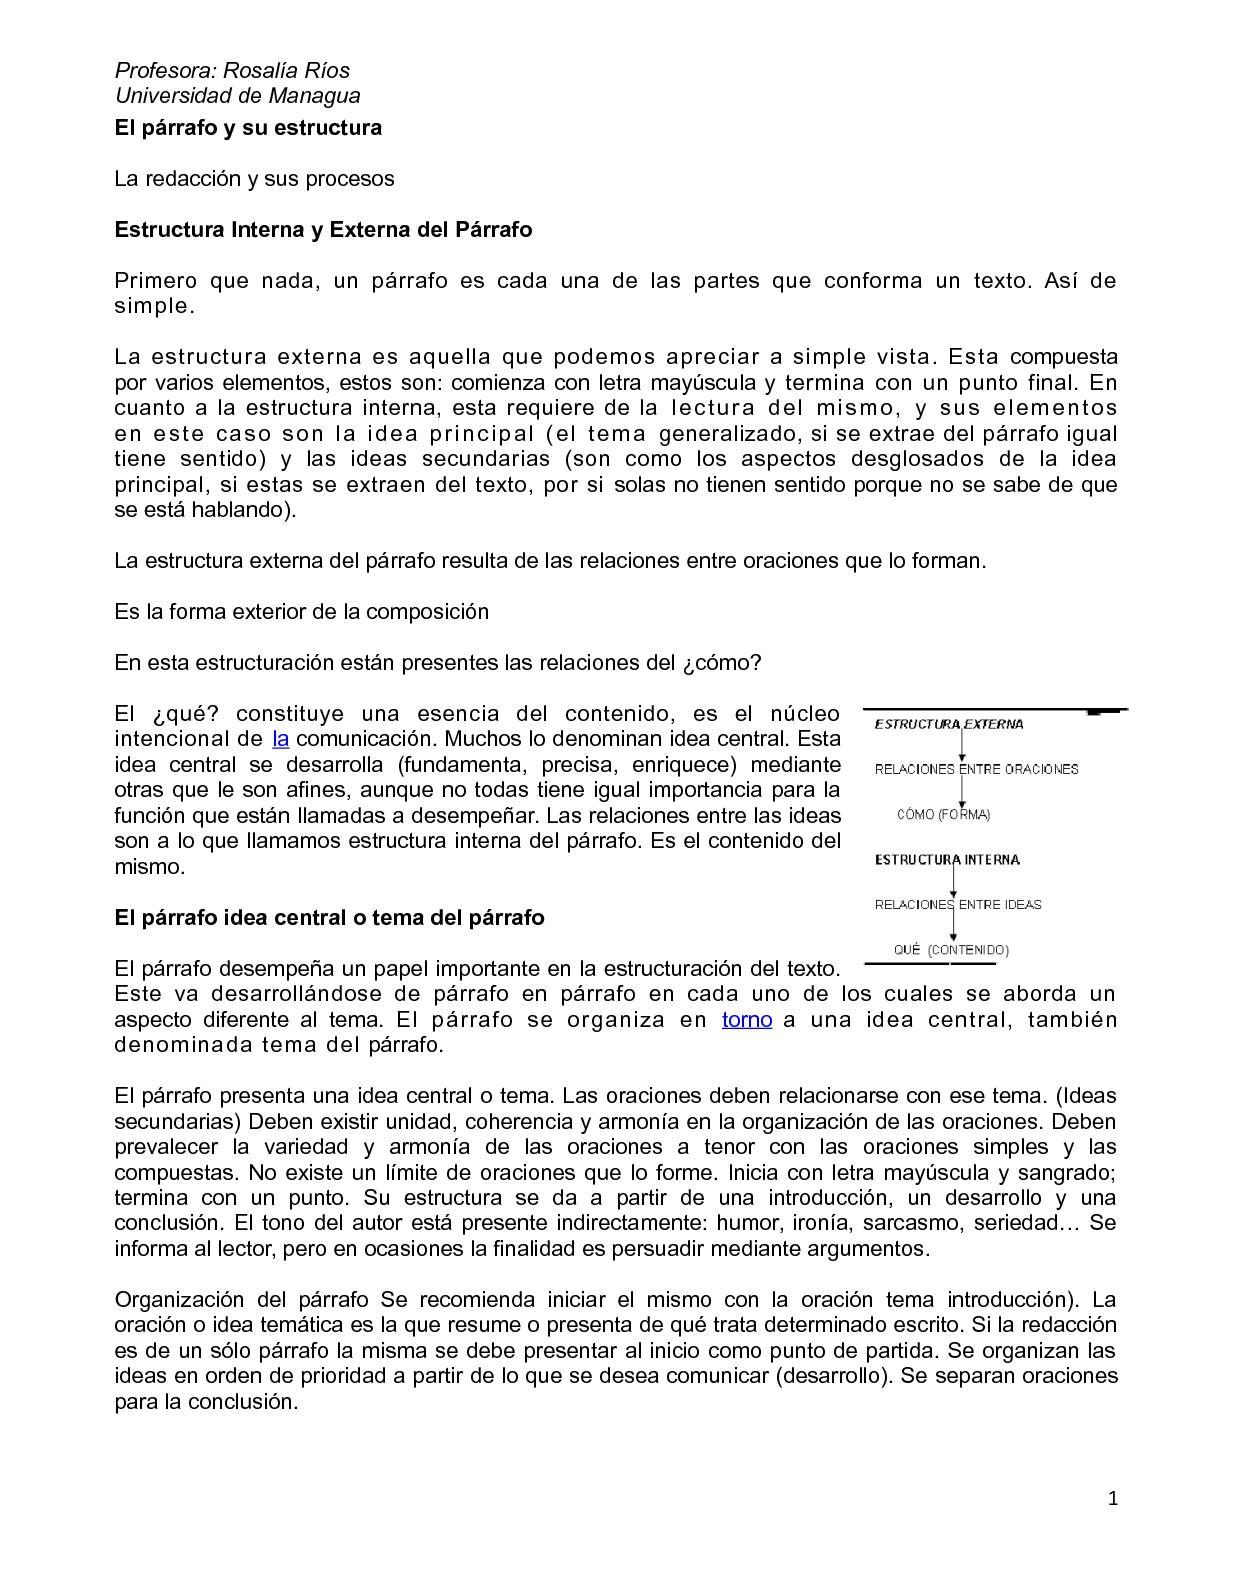 Calaméo El Parrafo Y Su Estructura 1 1